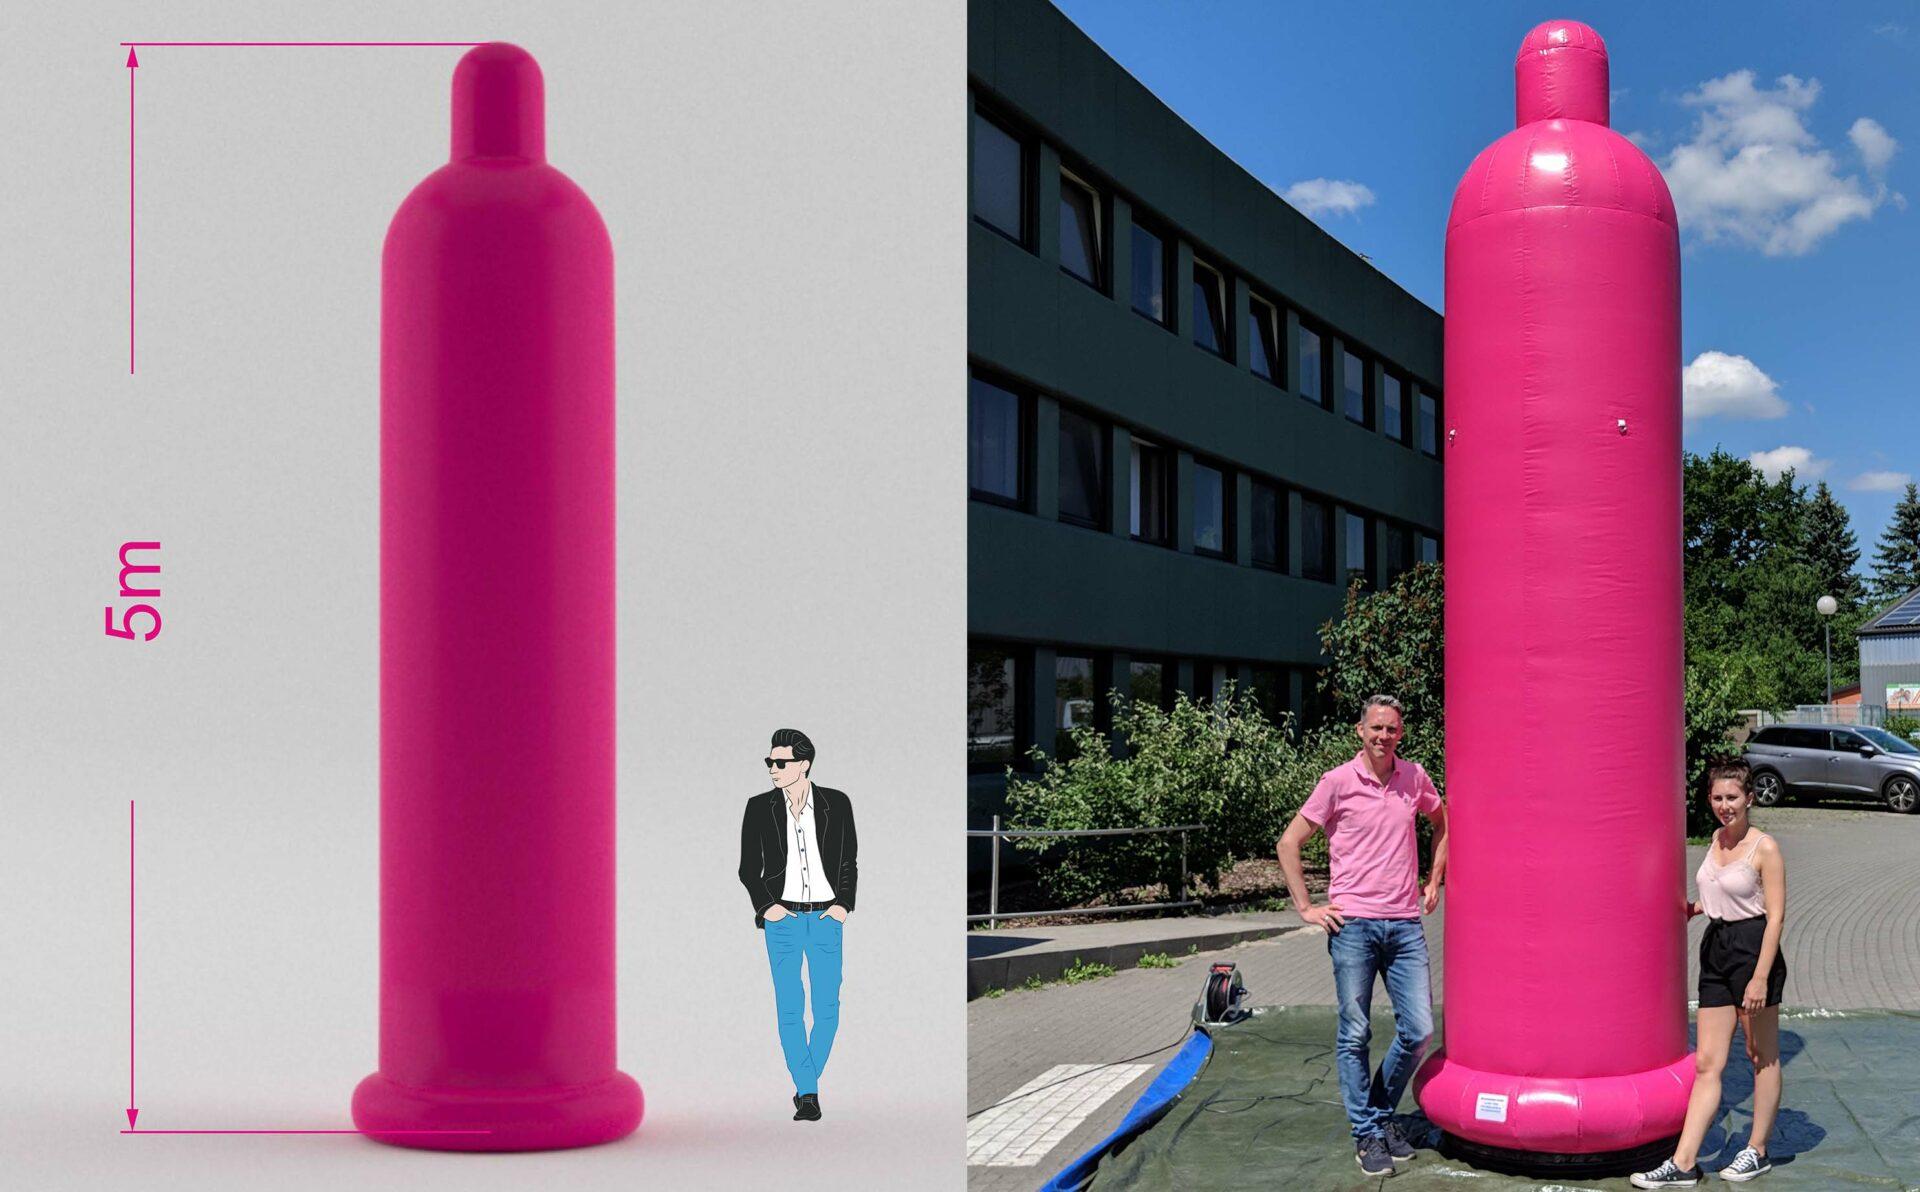 aufblasbares Kondom 5m hoch